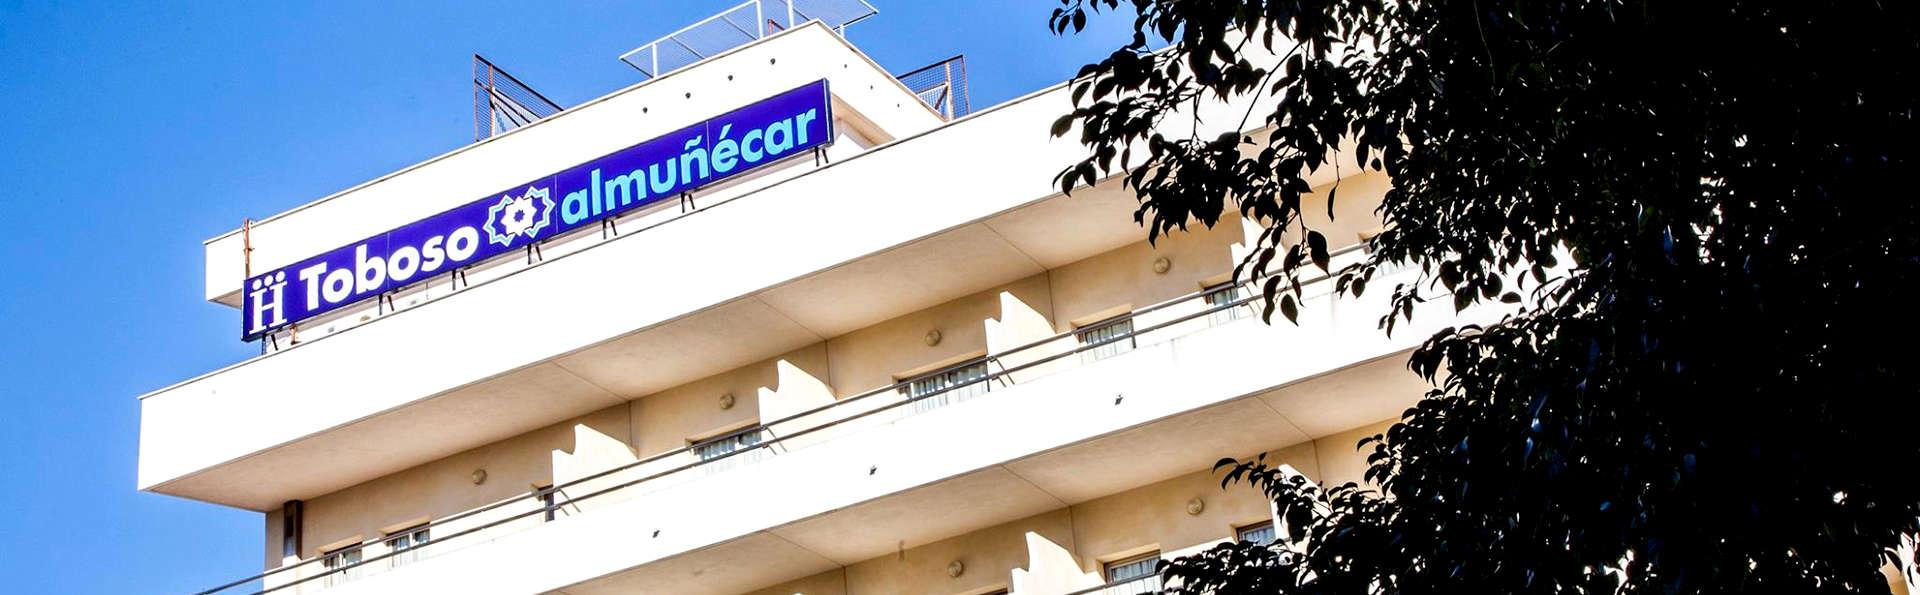 Hotel Toboso Almuñécar - Edit_Fronjt.jpg